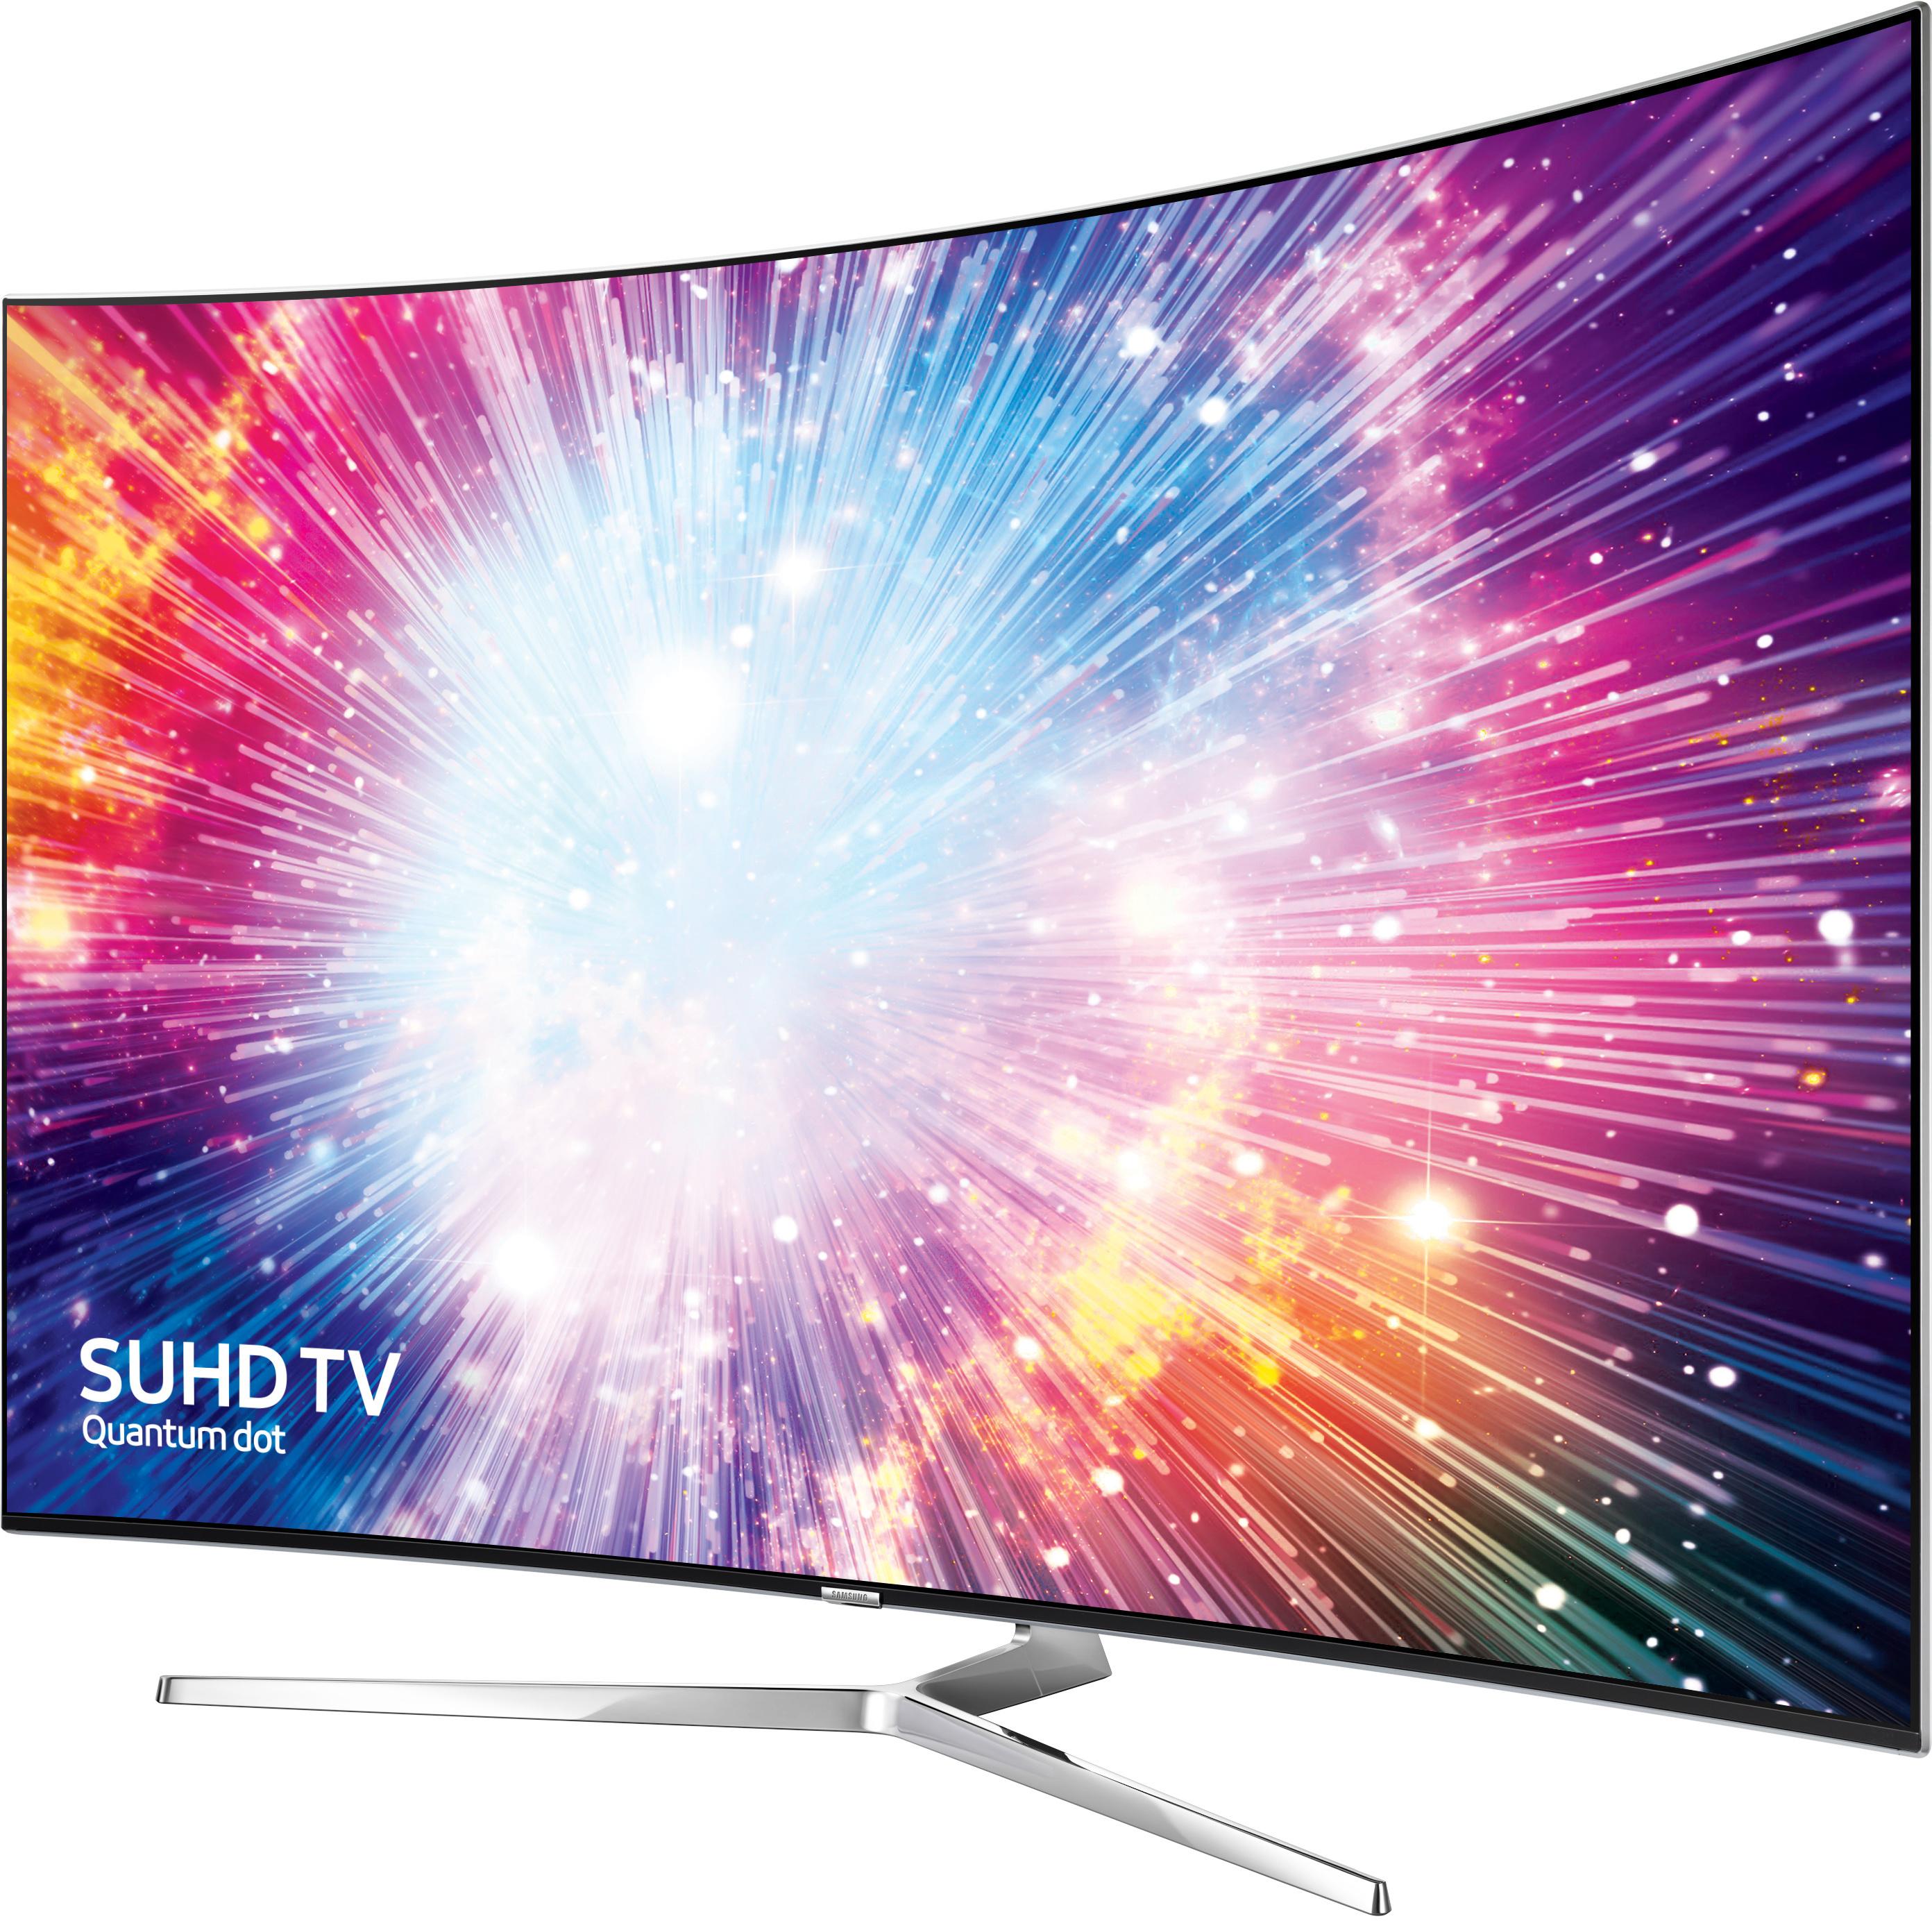 Mitä Tarkoittaa Smart Tv